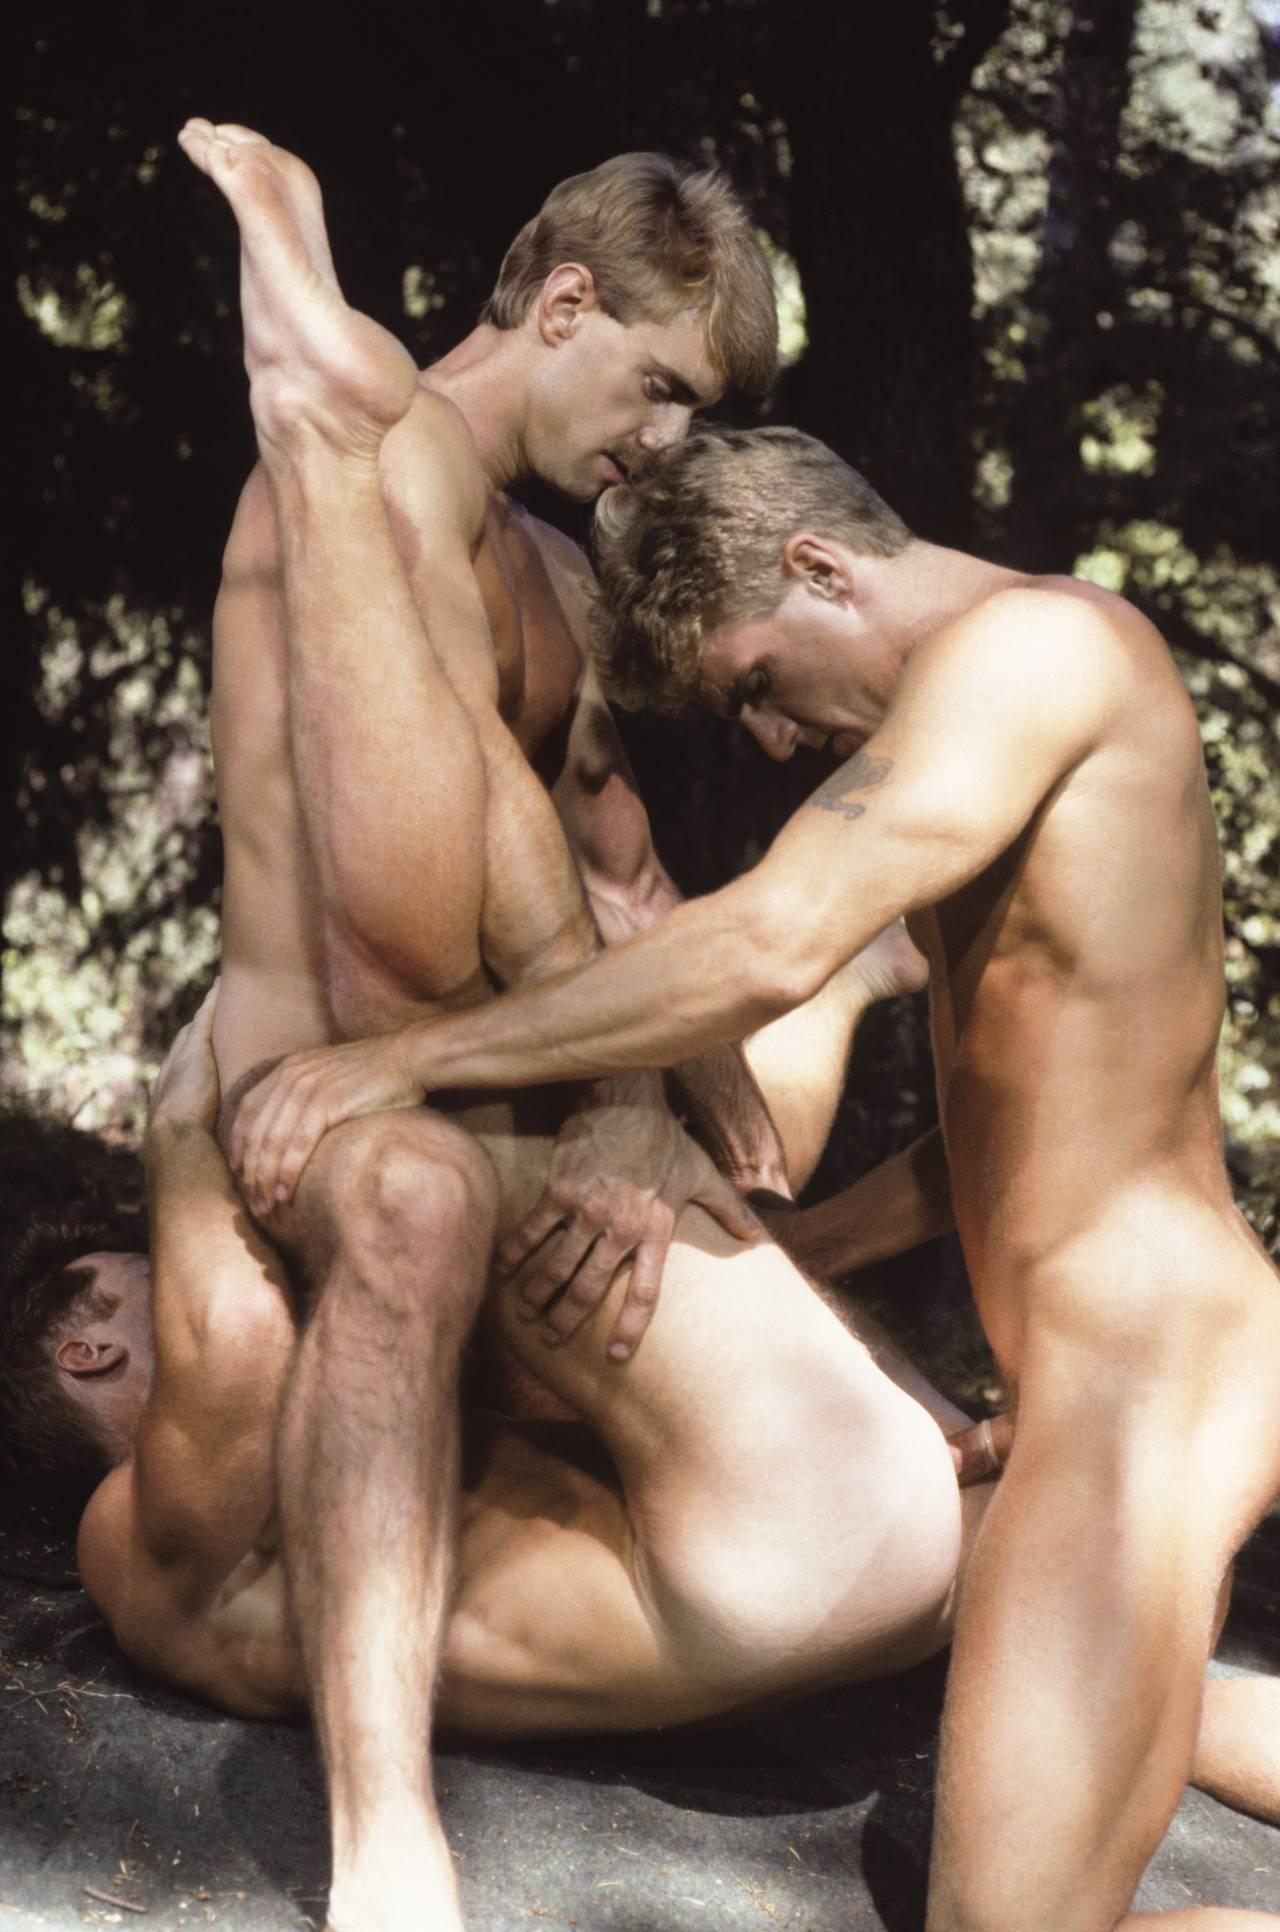 Парочку Скиньте фильмы с откровенным гей сексом сообщение Билл